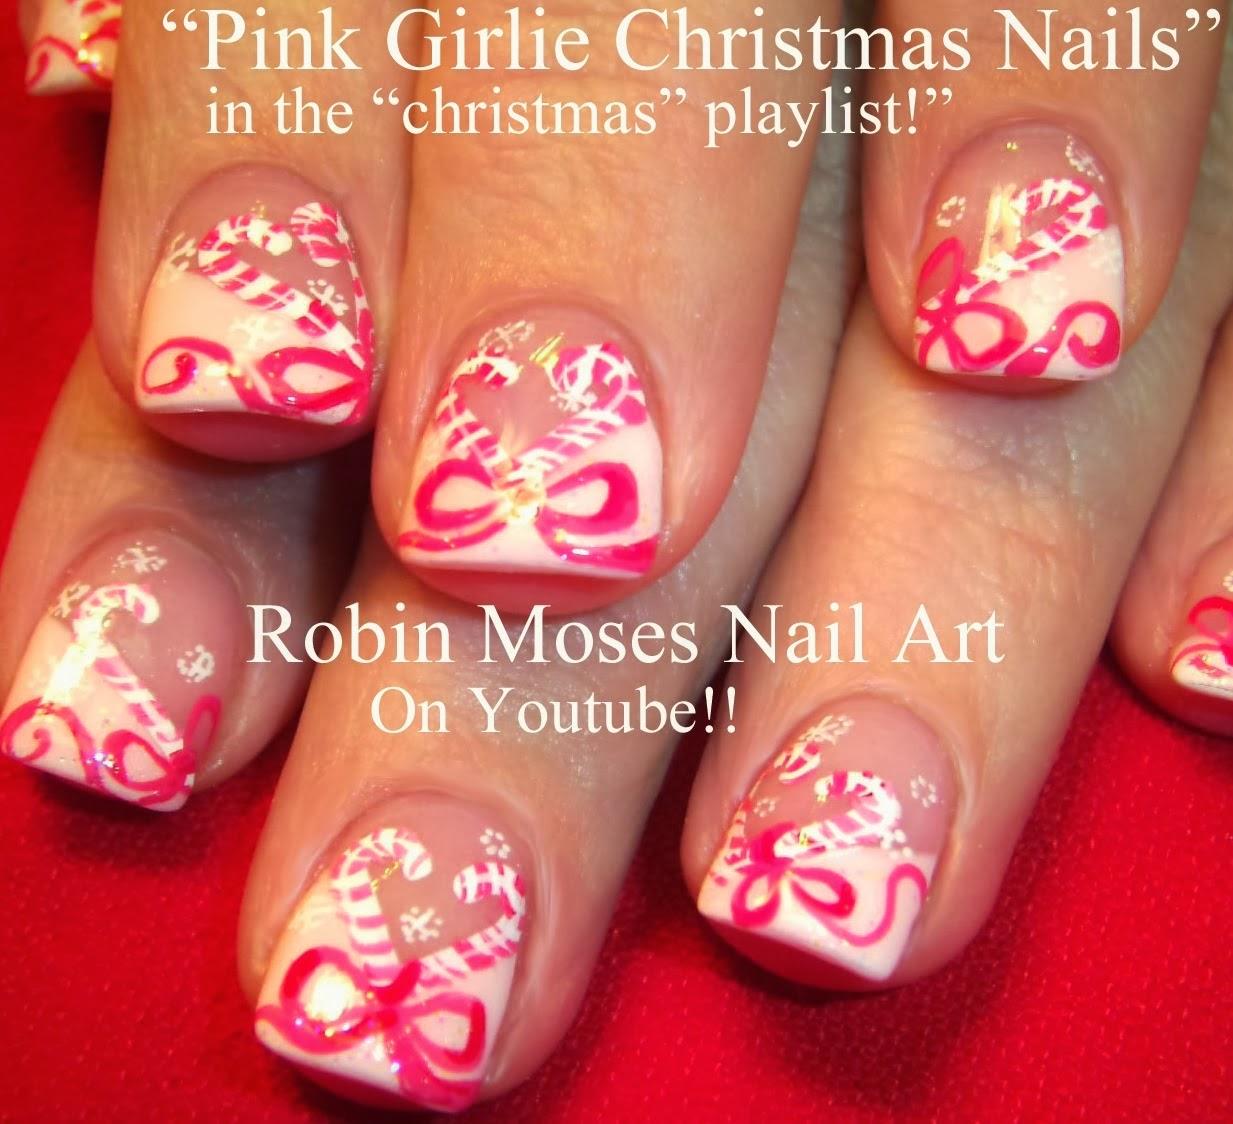 Robin Moses Nail Art Designs: Robin Moses Nail Art: December 2013